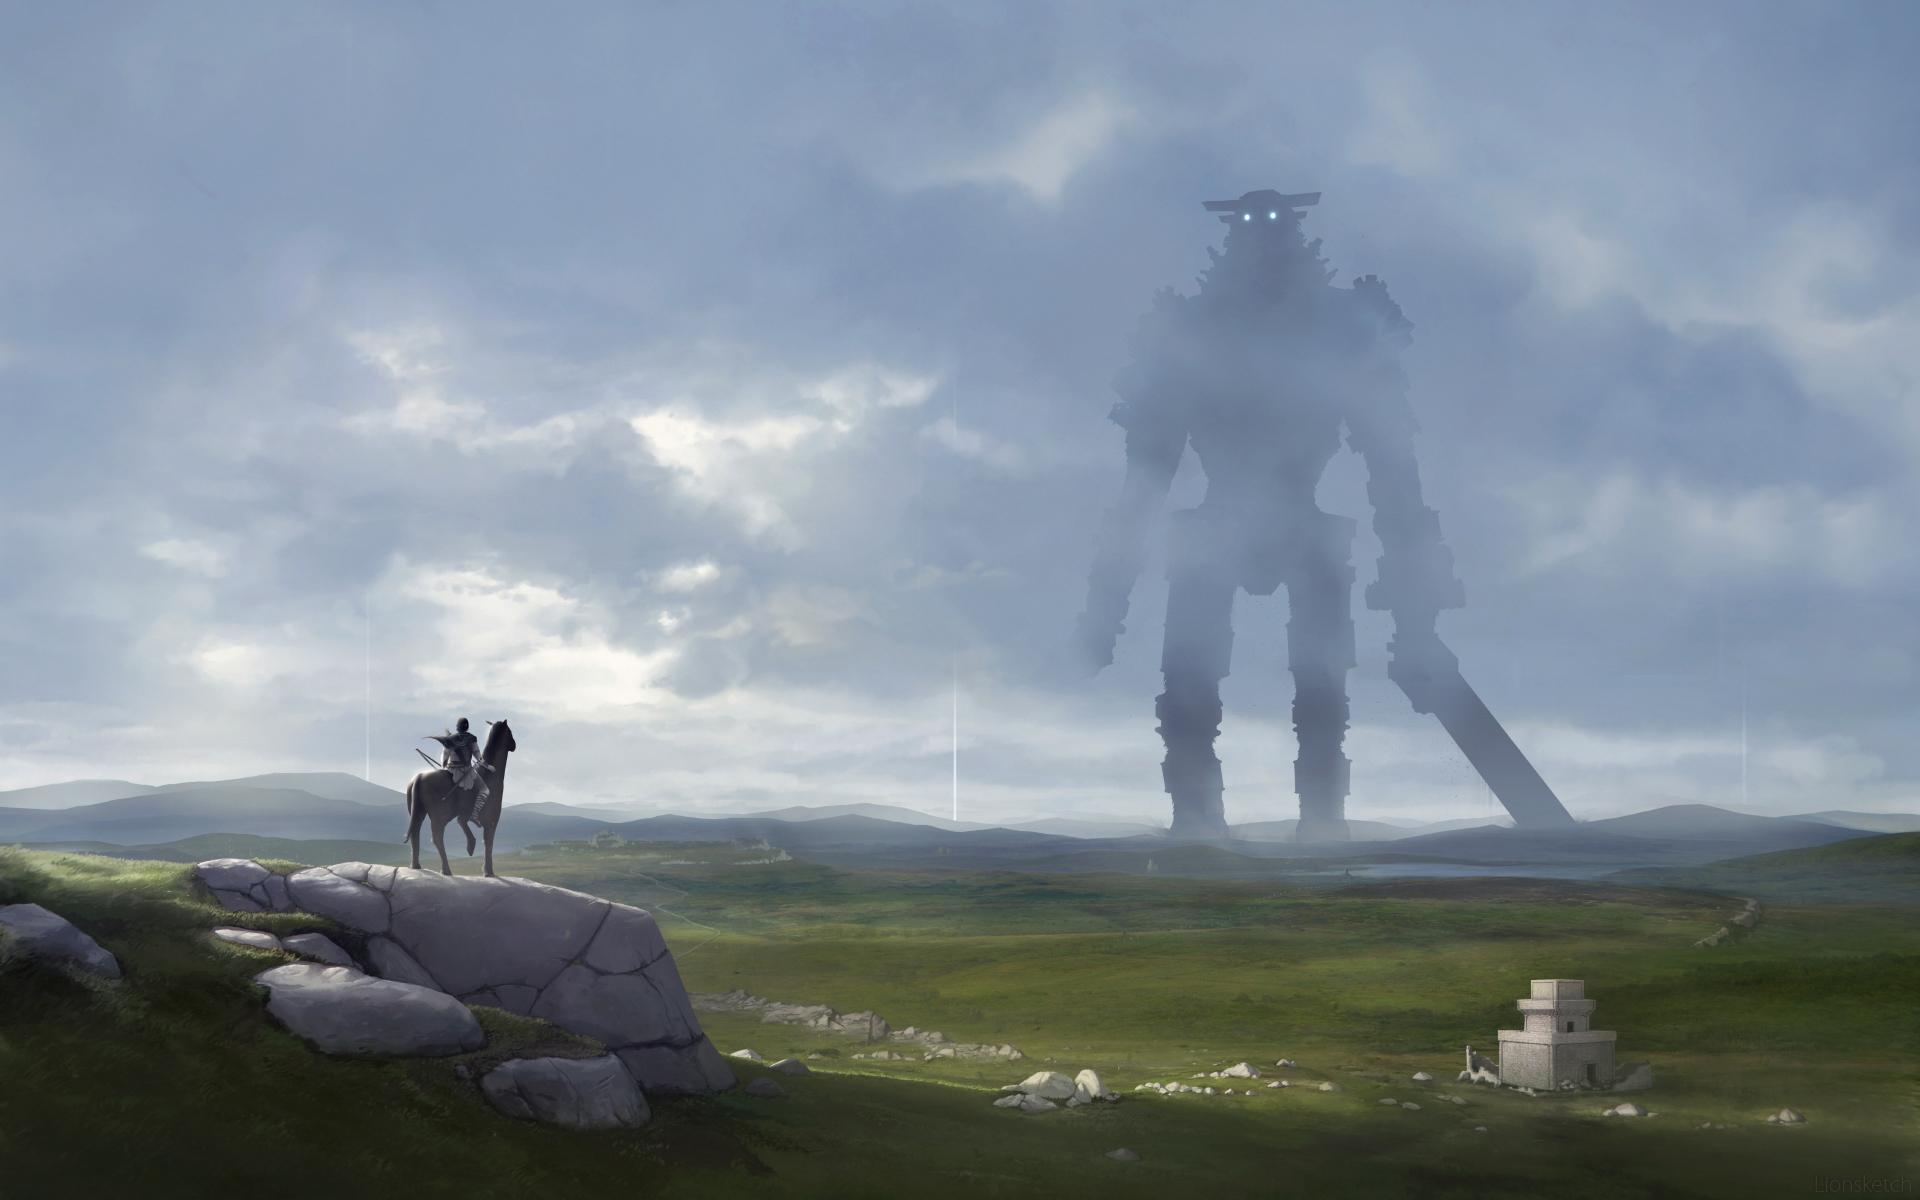 سازنده Shadow of the Colossus لیست تغییرات مورد نظرش را برای سونی ارسال کردهاست